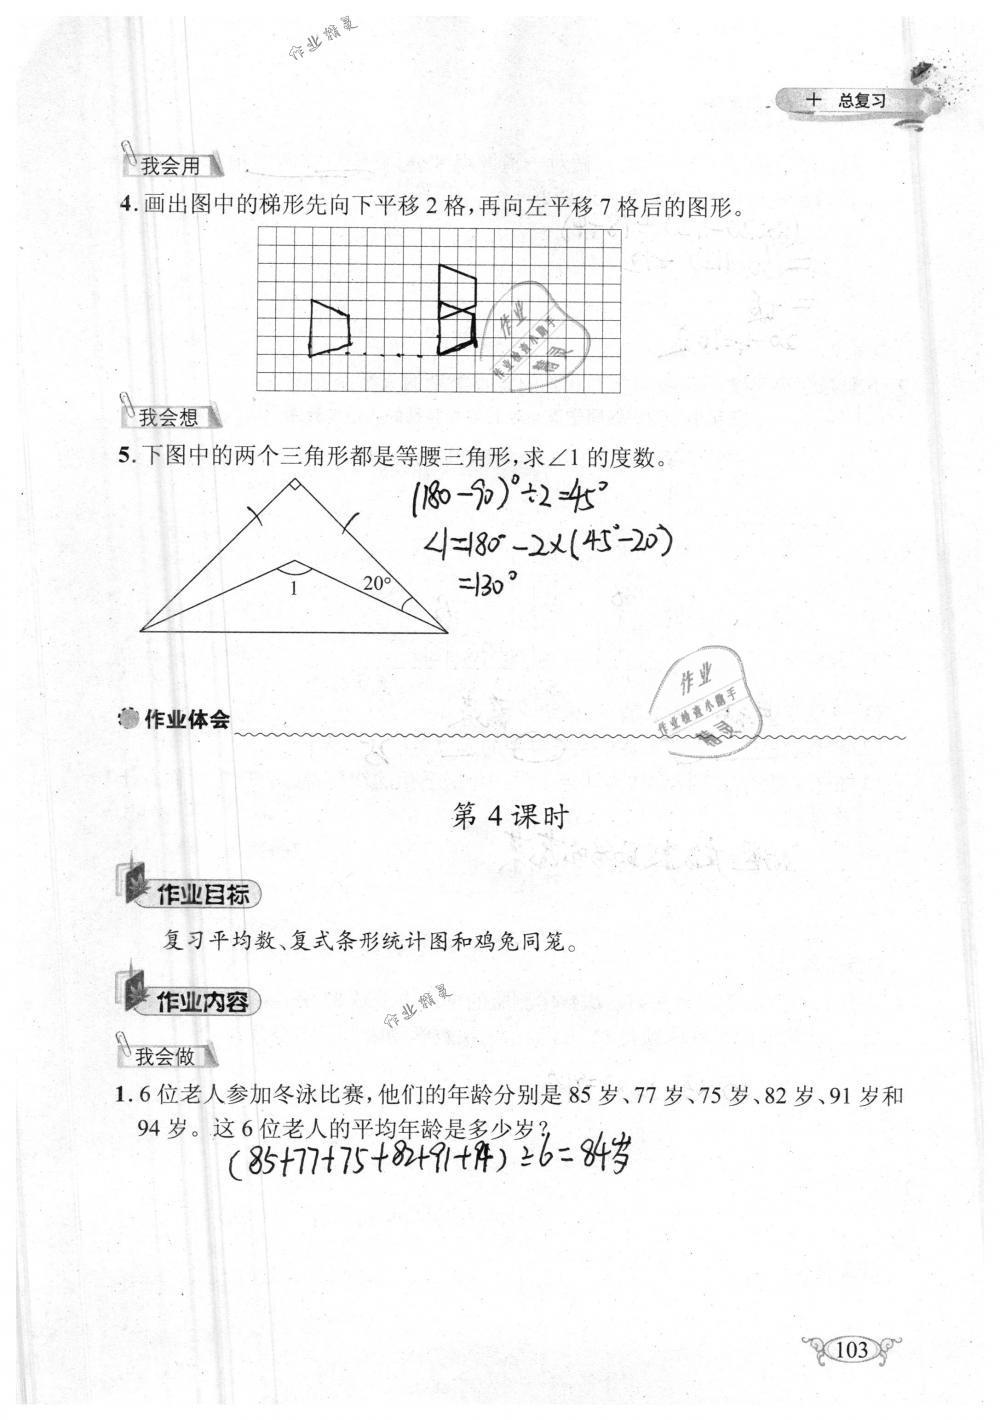 2019年长江作业本同步练习册四年级数学下册人教版参考答案第103页